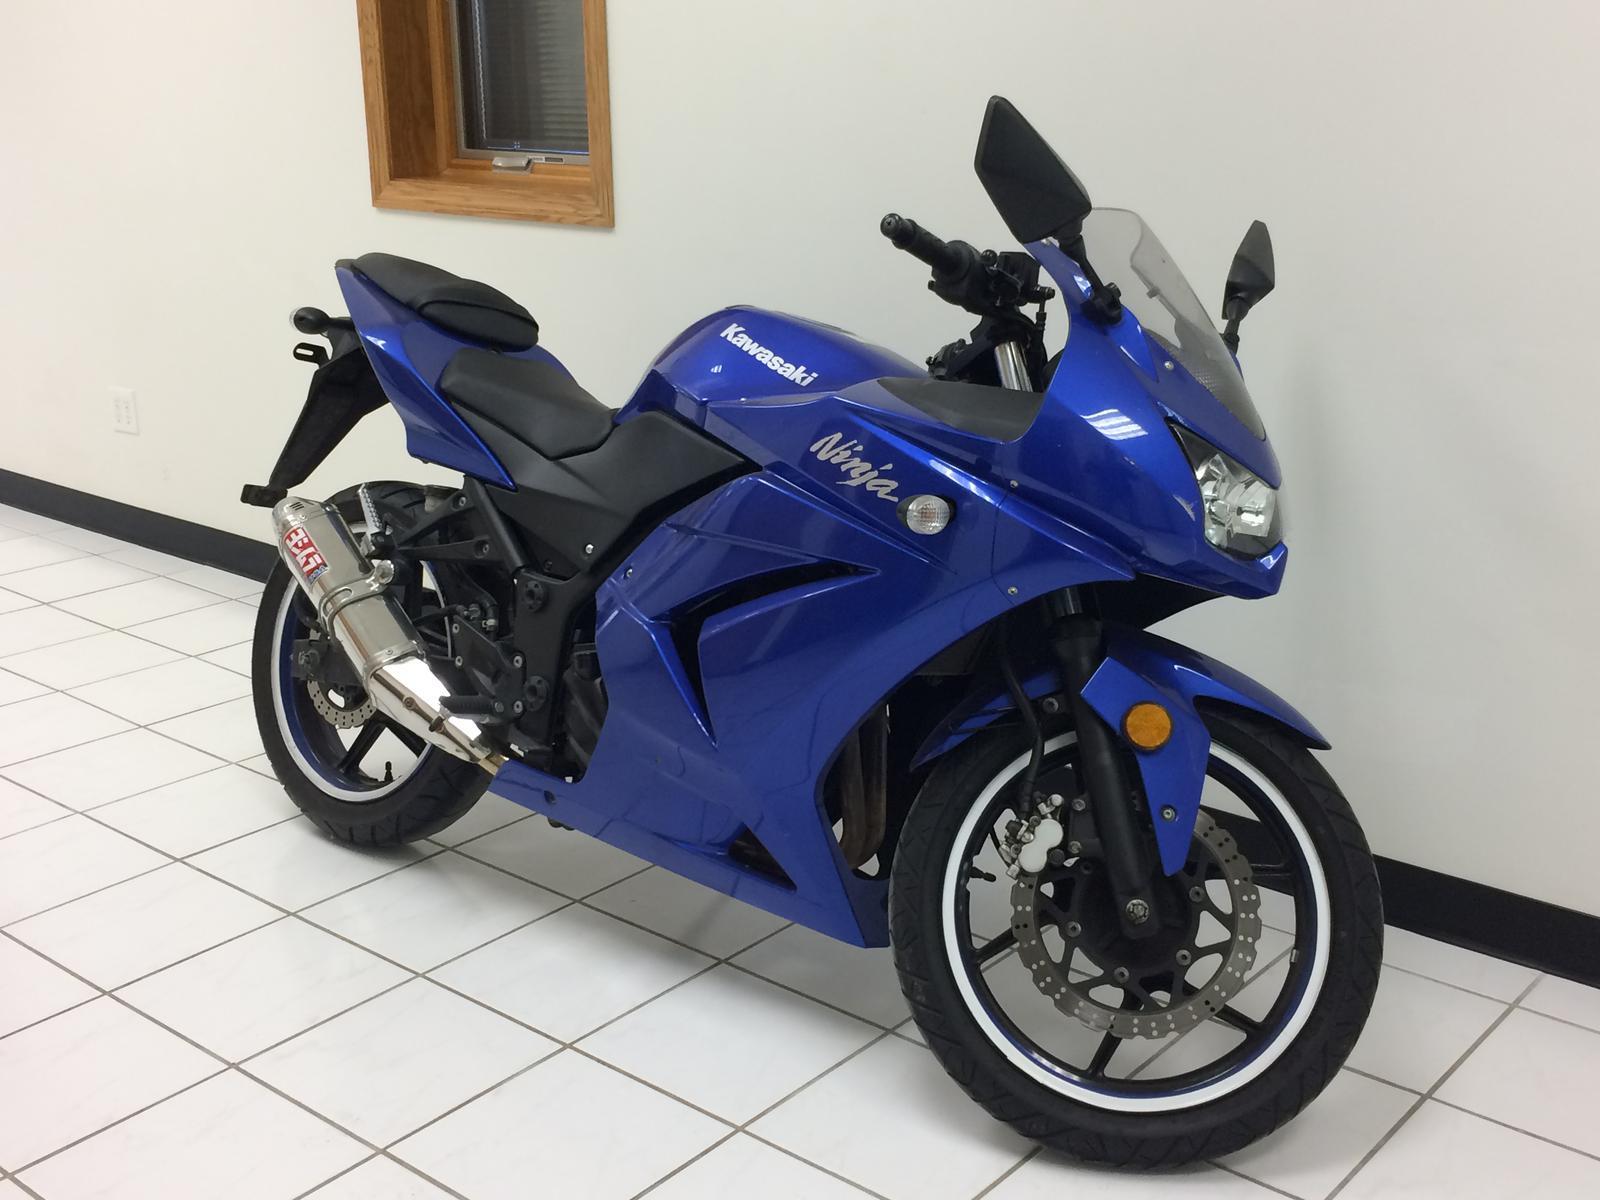 2009 Kawasaki Ninja® 250R for sale in Sioux City, IA | Bob's Bike